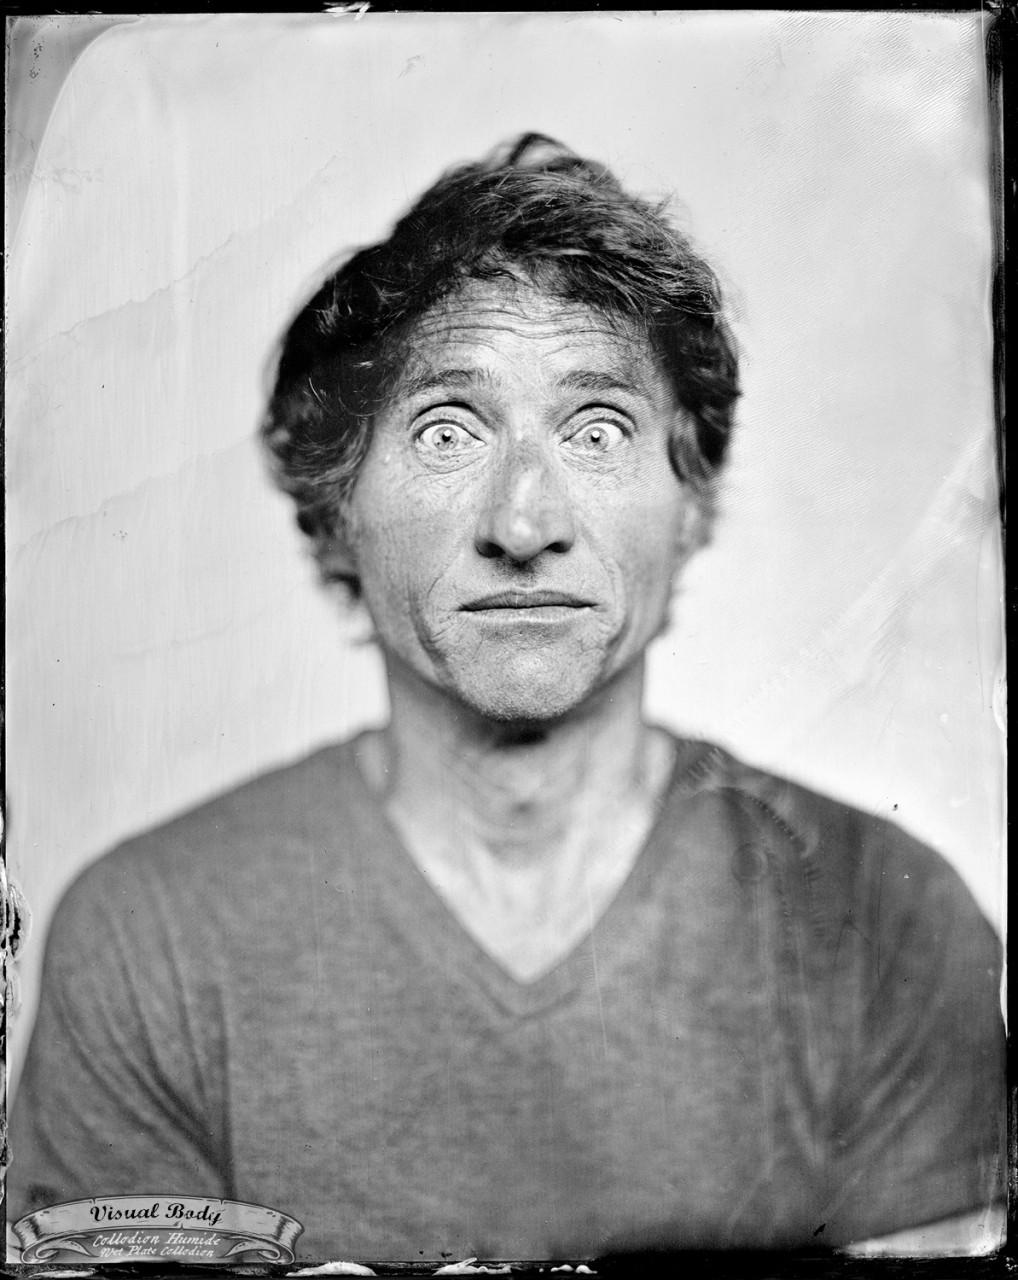 Emmanuel Bilodeau. Profession: humoriste & comédien/comedian & actor.